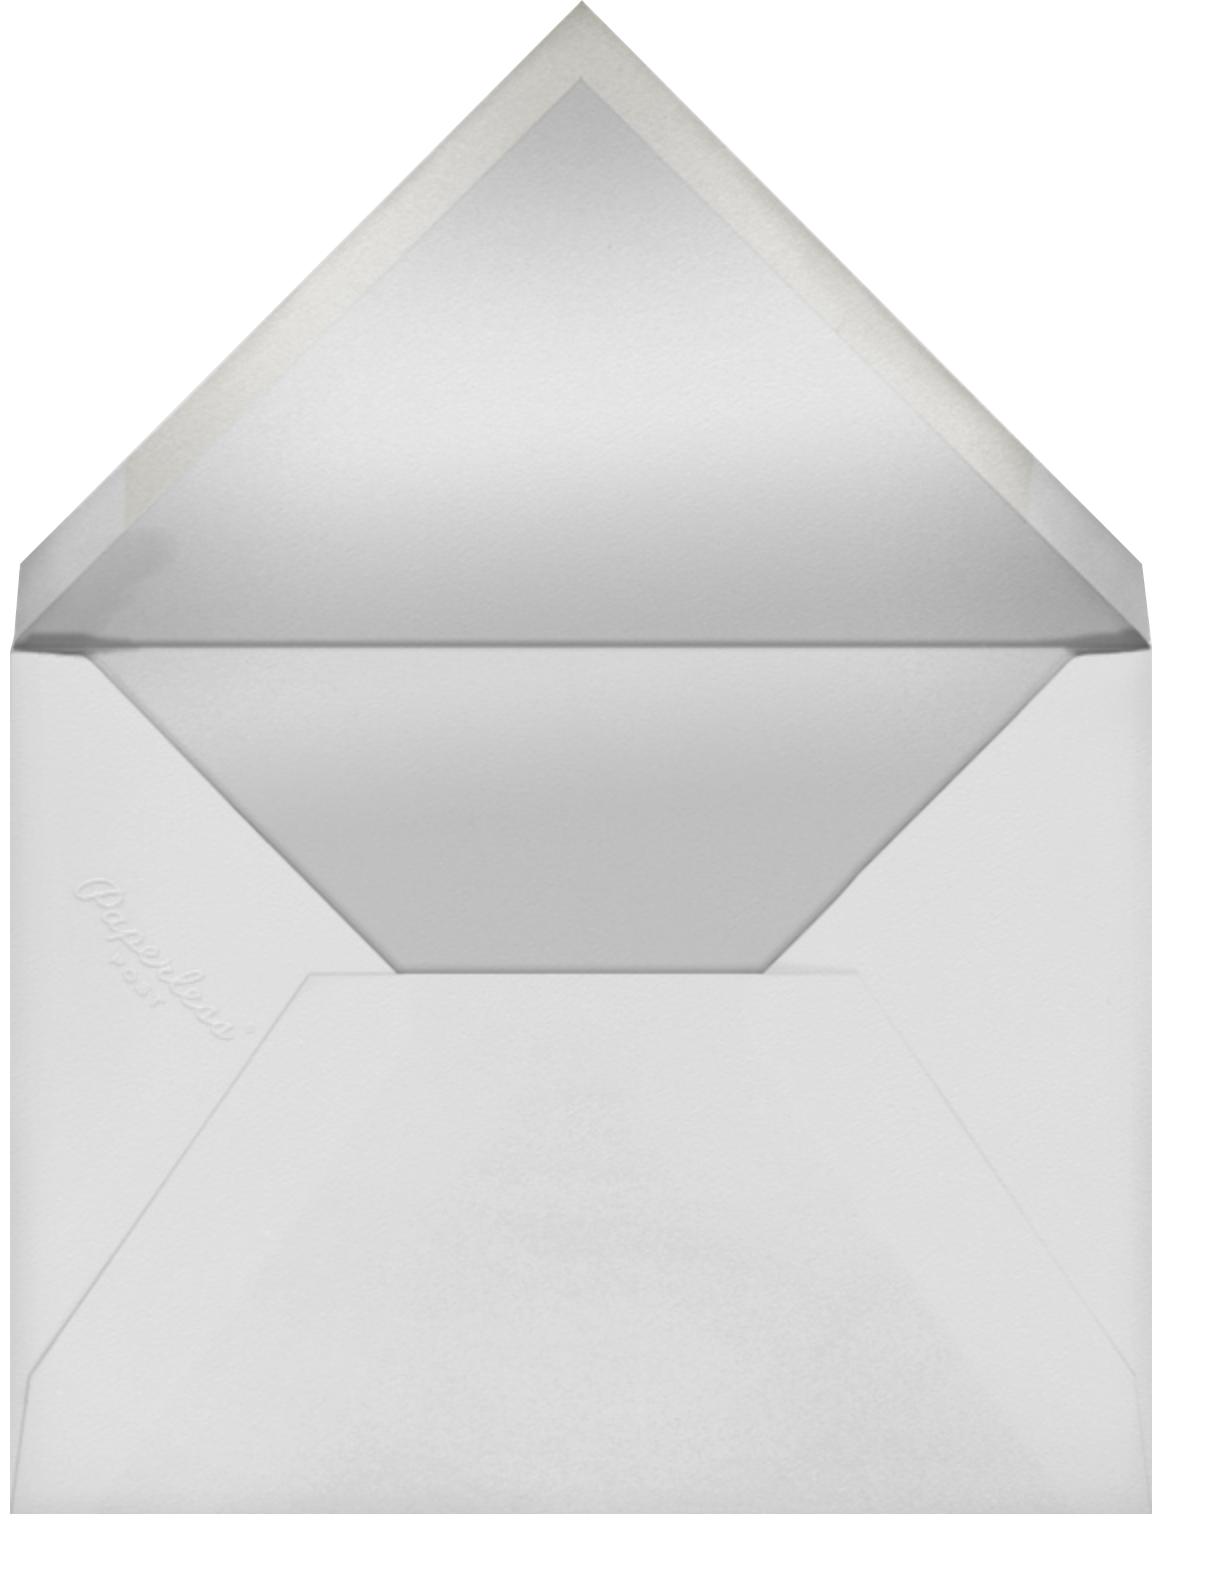 Nixon Border (Menu) - Jonathan Adler - Menus - envelope back